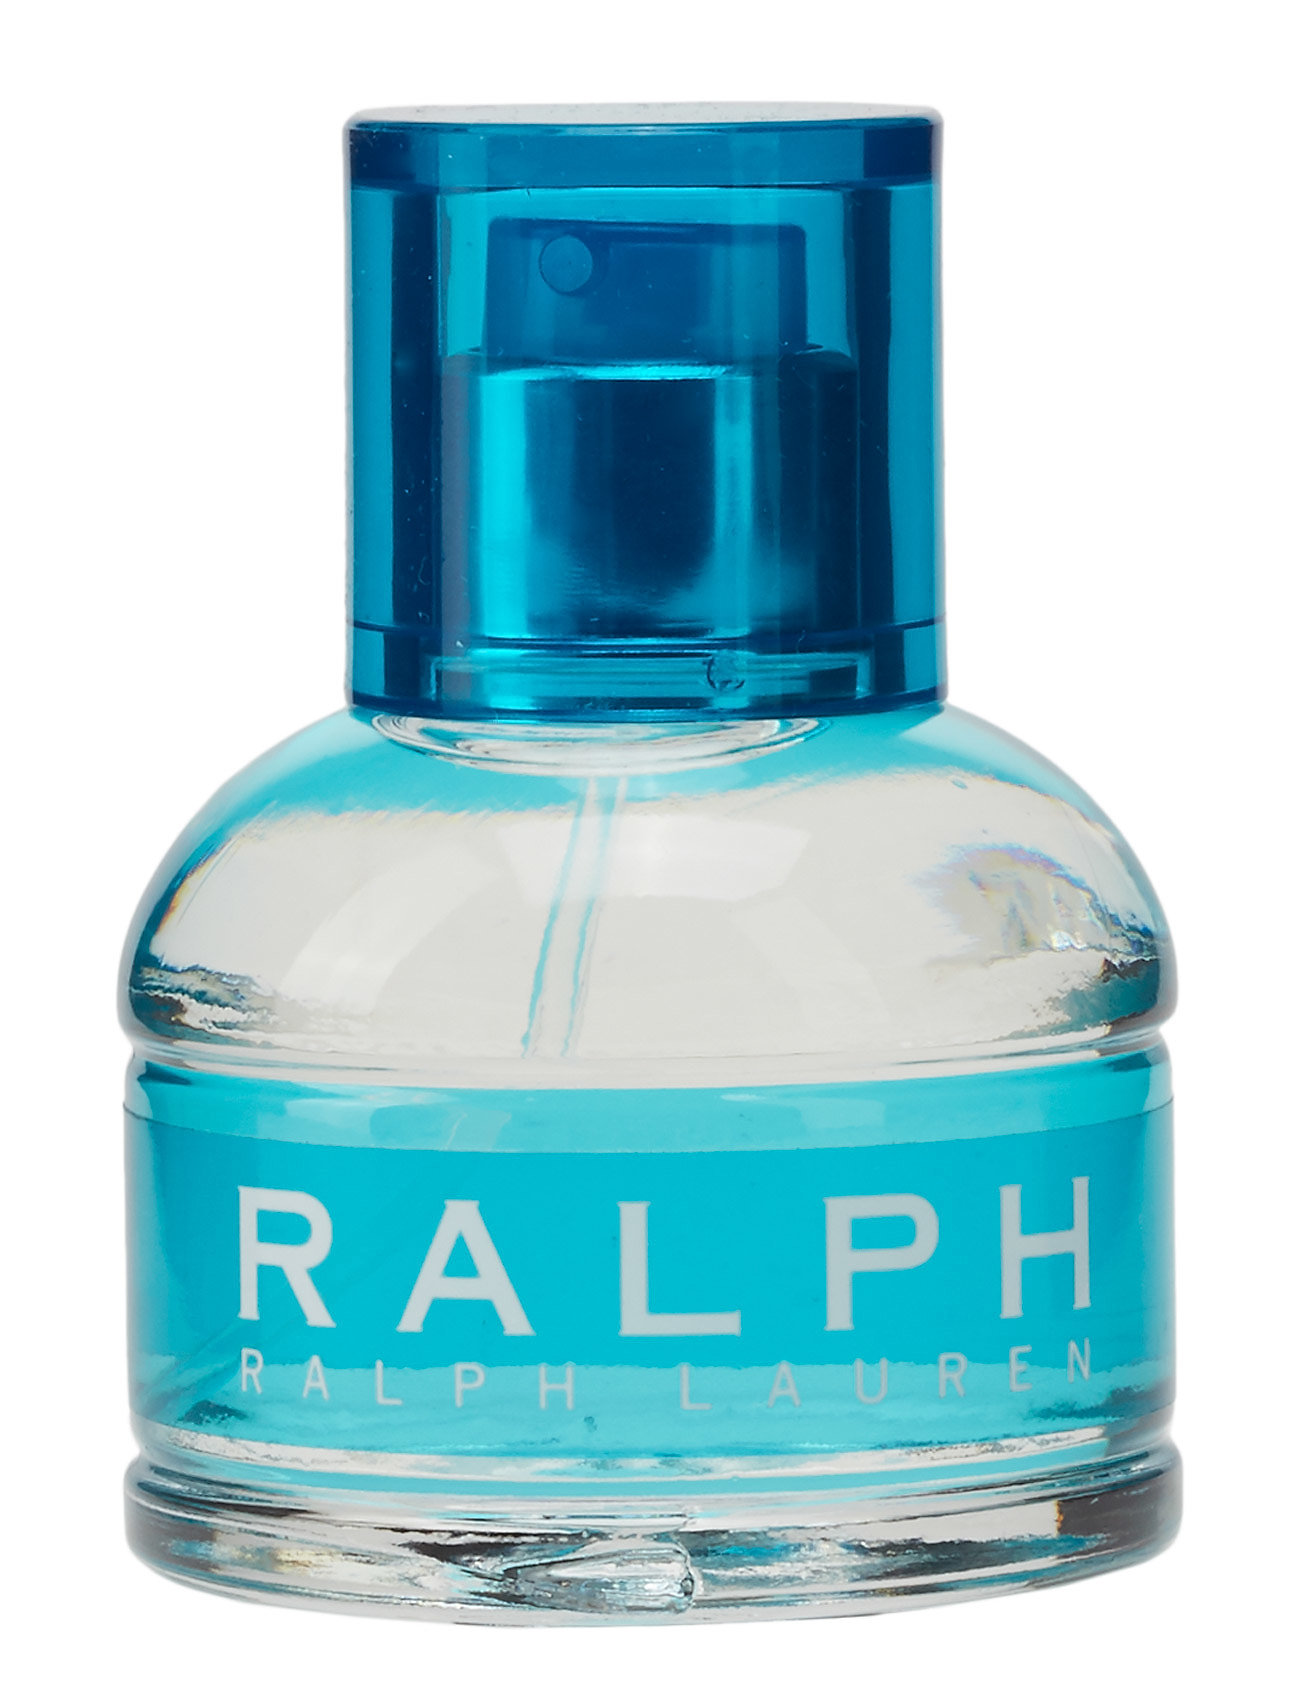 ralph lauren – Ralph eau de toilette 30 ml fra boozt.com dk